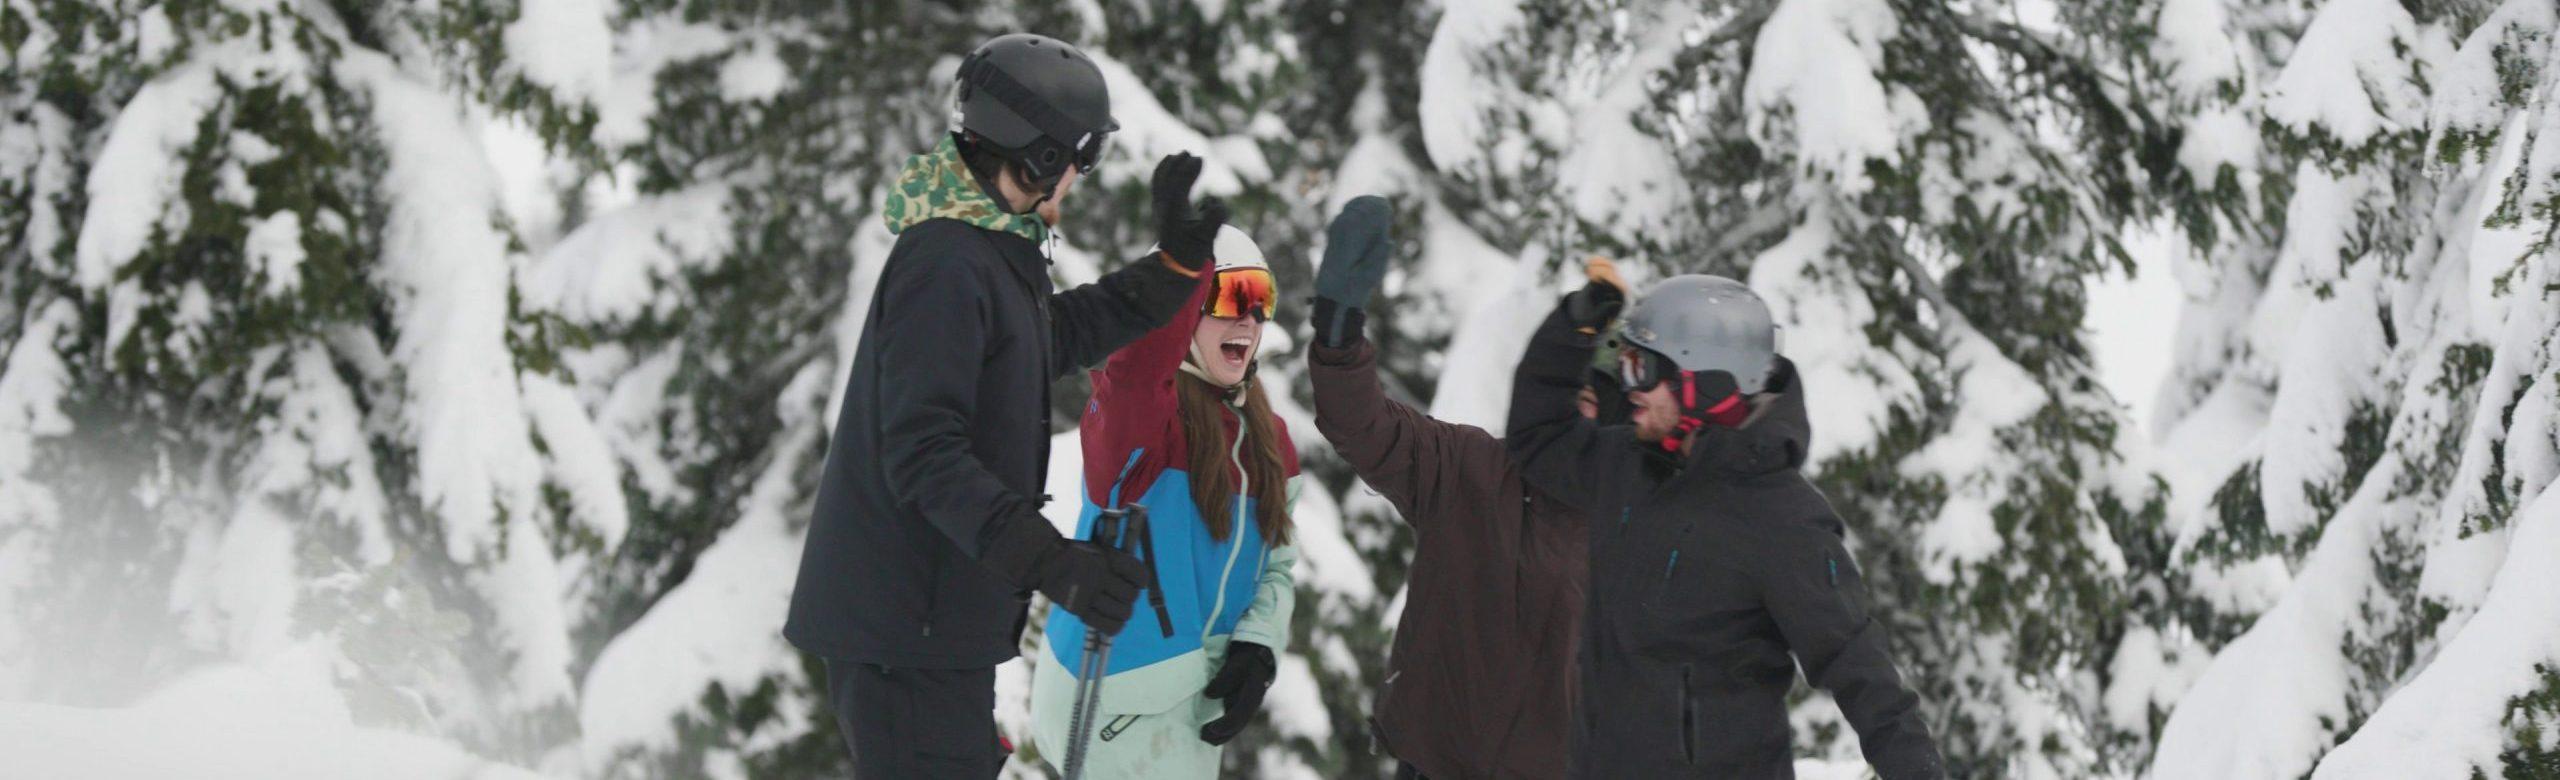 Group at Sasquatch Mountain Resort